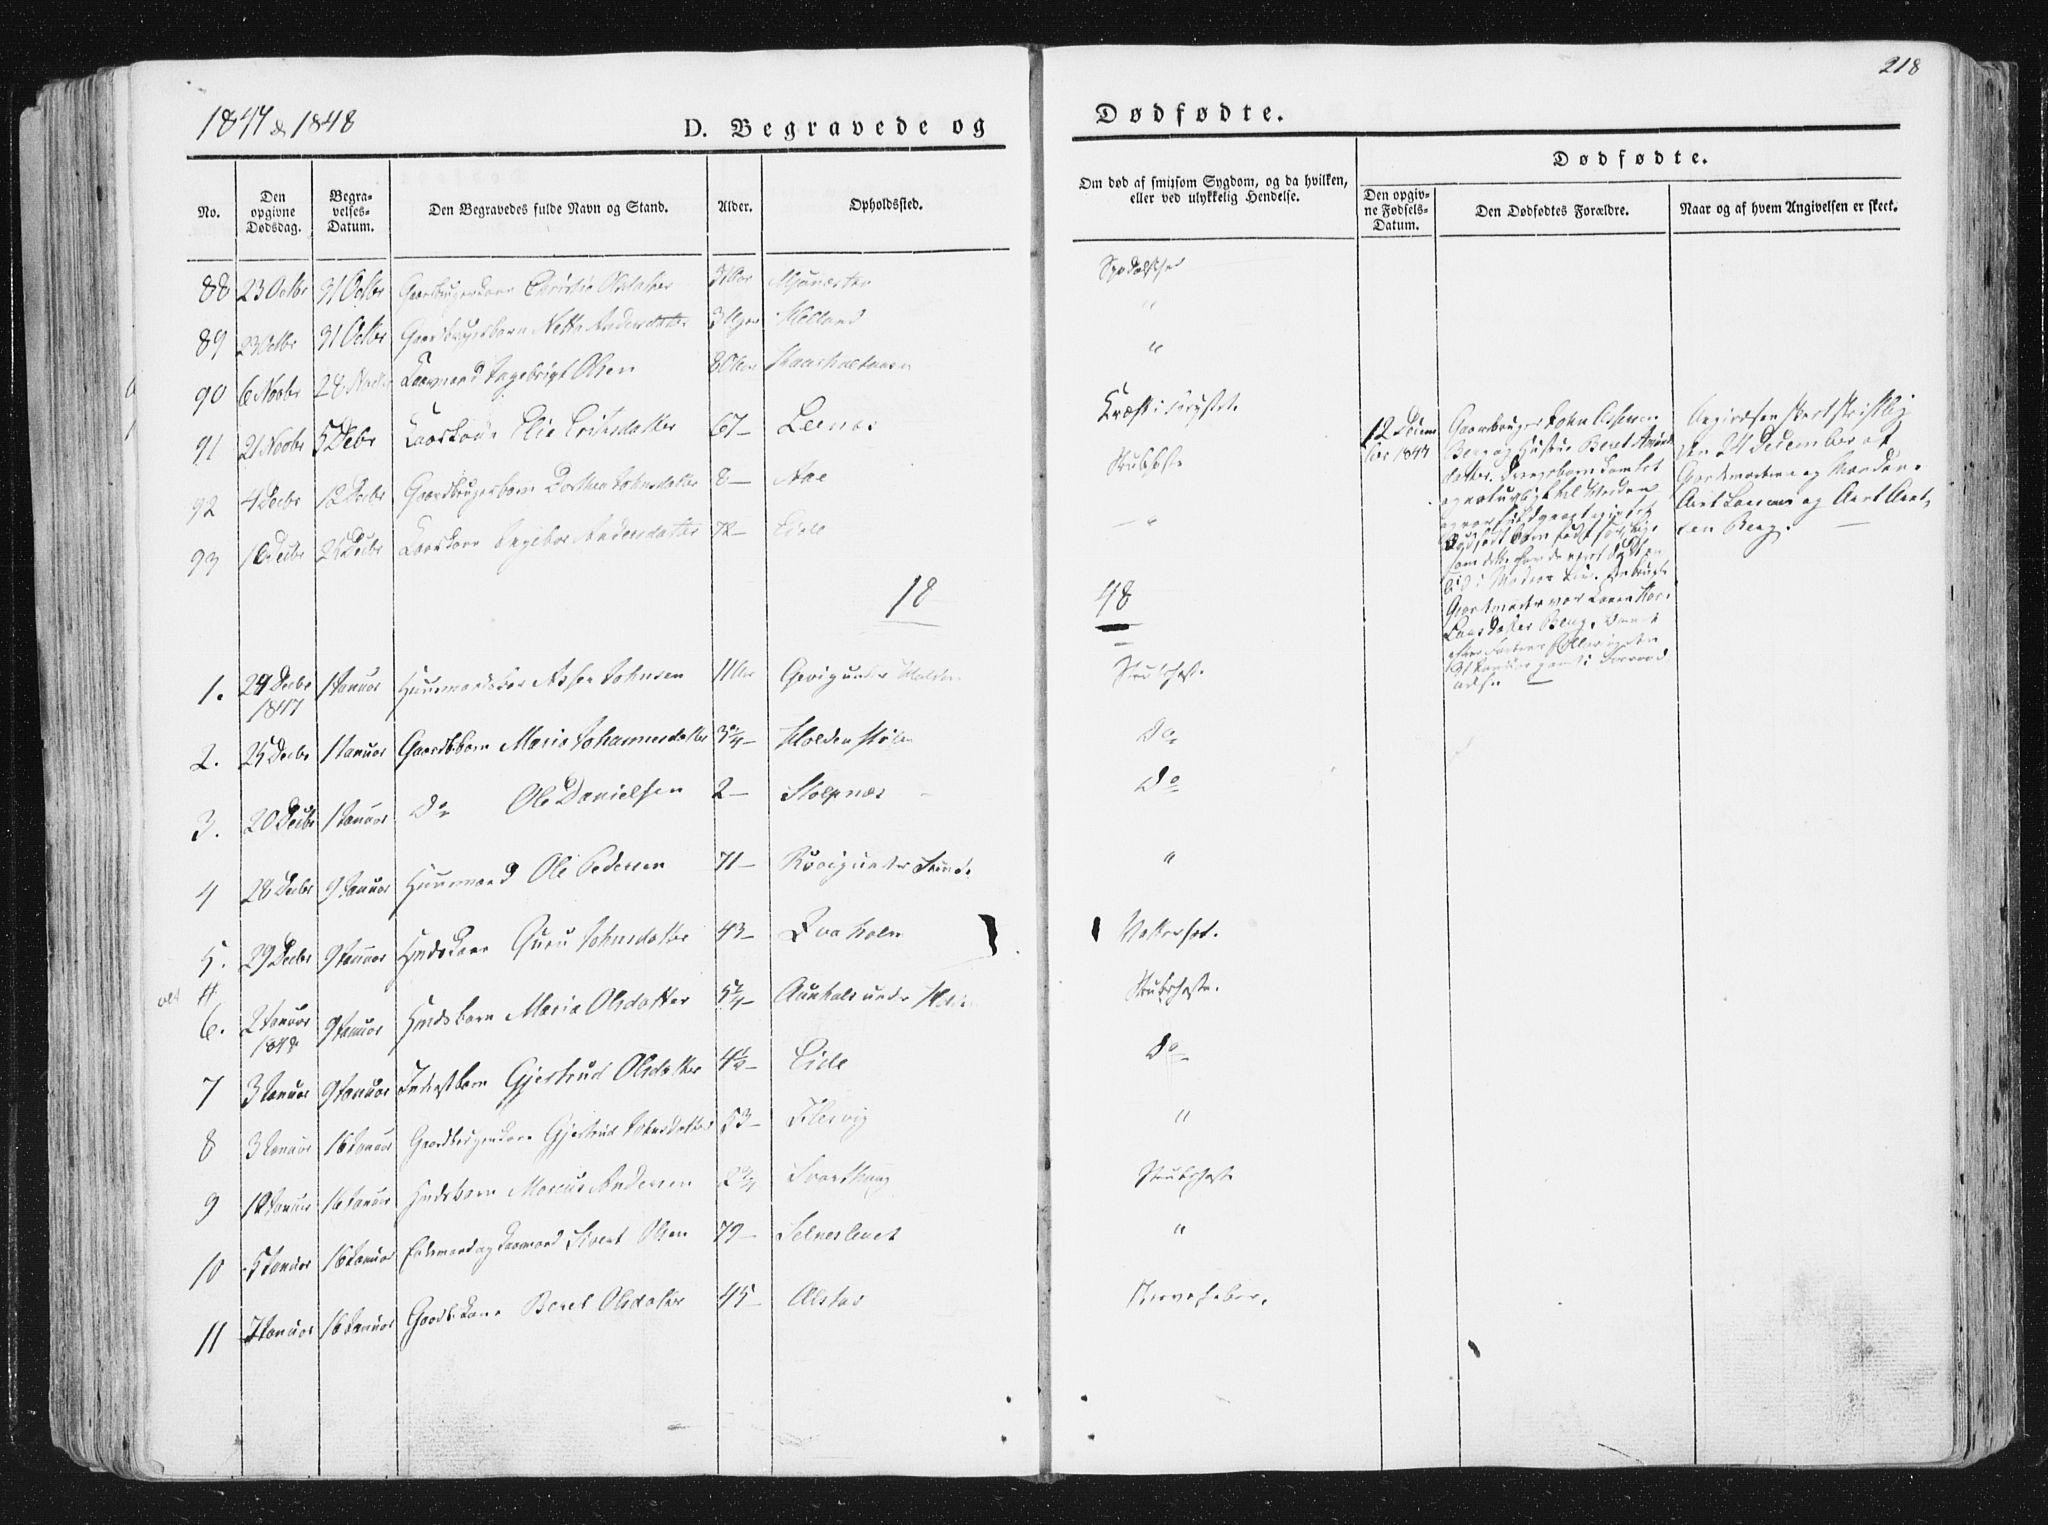 SAT, Ministerialprotokoller, klokkerbøker og fødselsregistre - Sør-Trøndelag, 630/L0493: Ministerialbok nr. 630A06, 1841-1851, s. 218